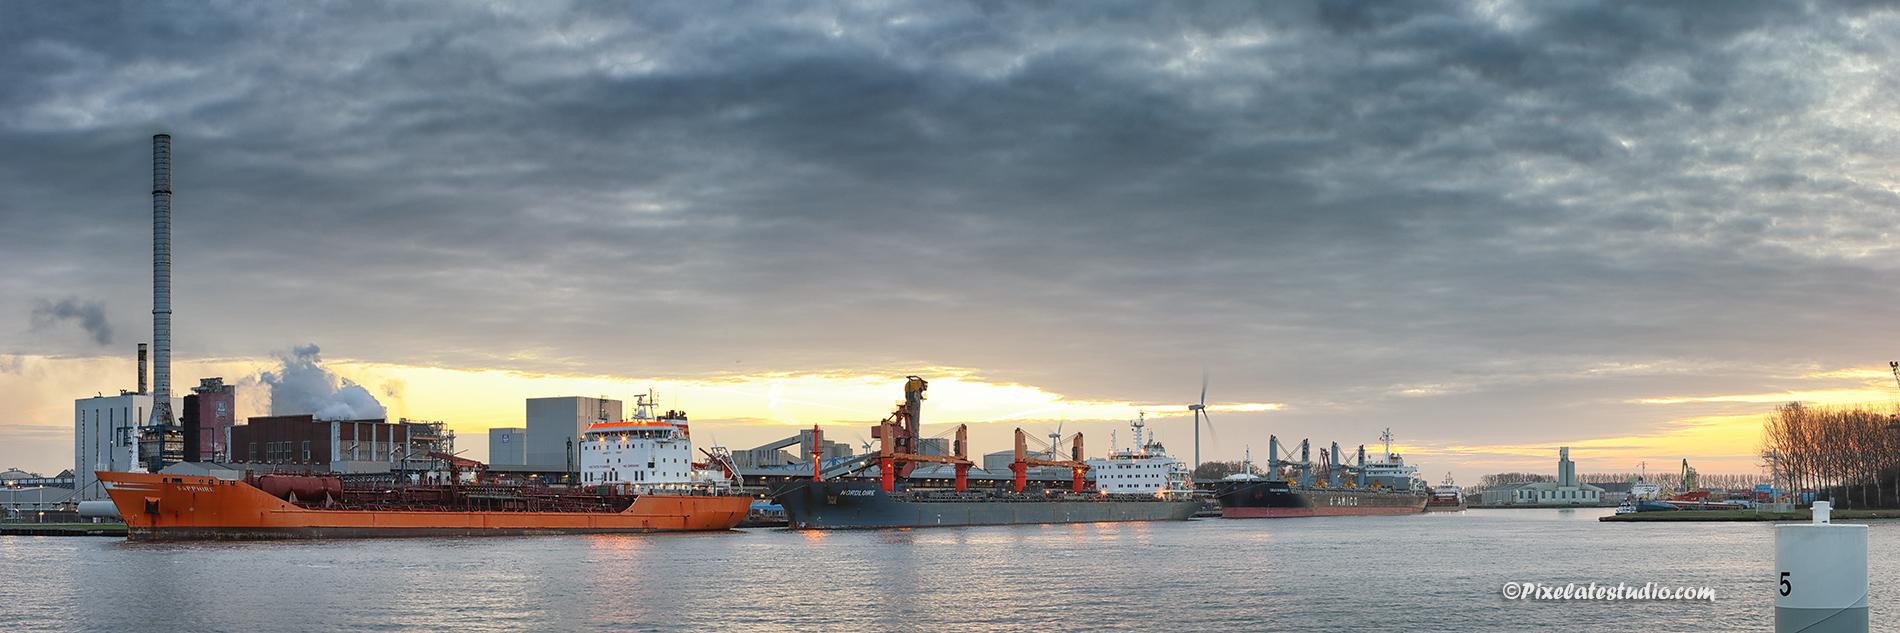 Panorama foto van Yara en het zicht op de kade en de schepen die aan het laden zijn ,vanaf Sluiskil